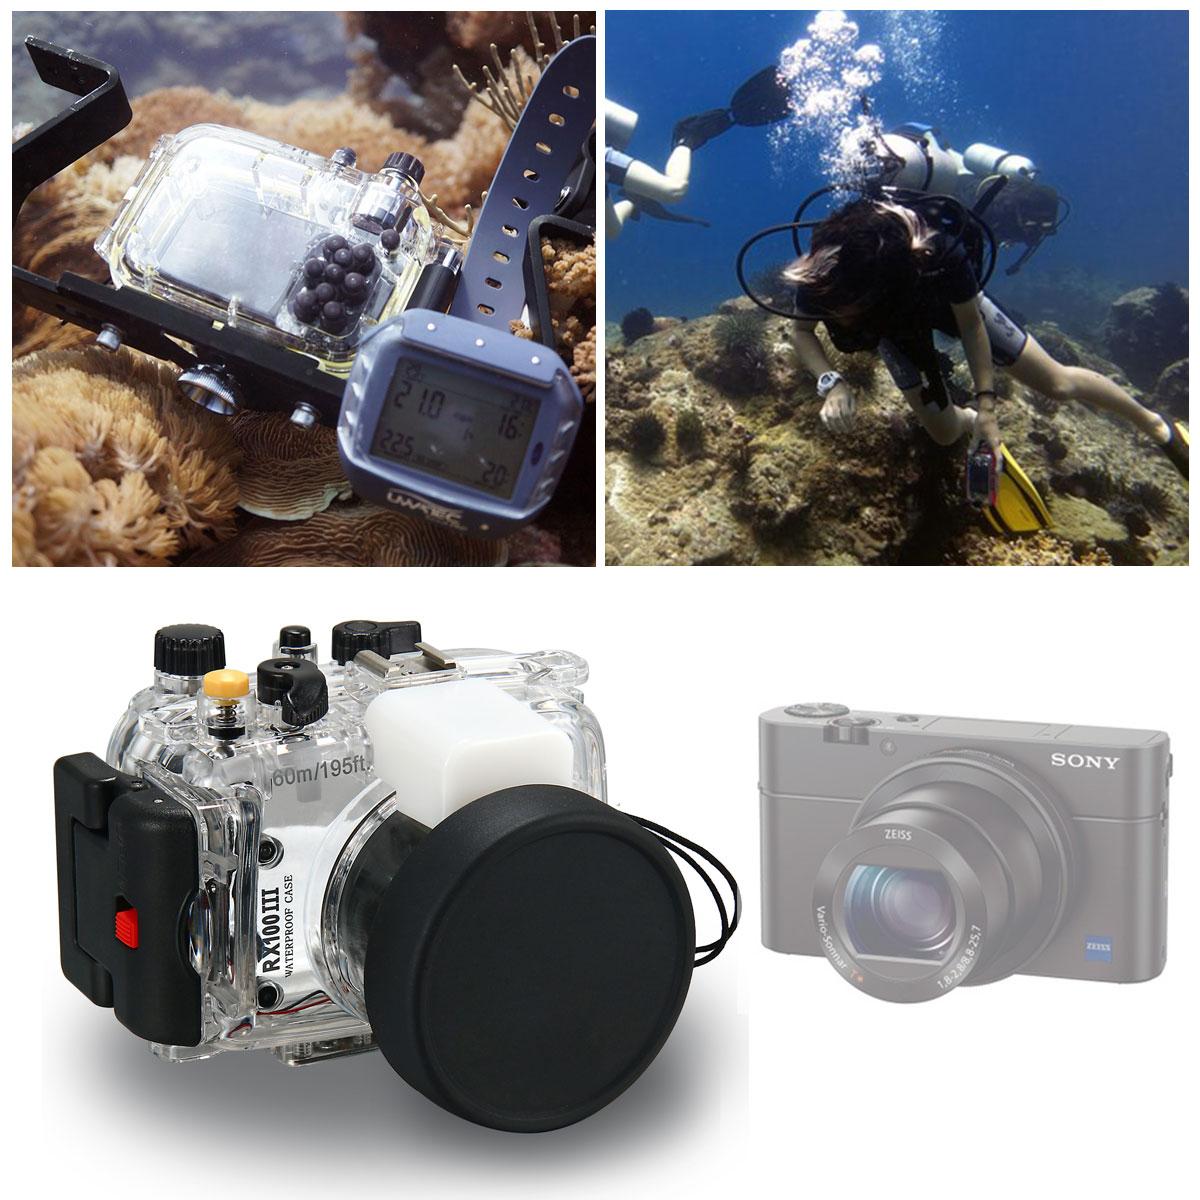 Водонепроницаемый подводный бокс Чехол Обложка для Sony дайвинг 60м камеры rx100 III м3 LF658